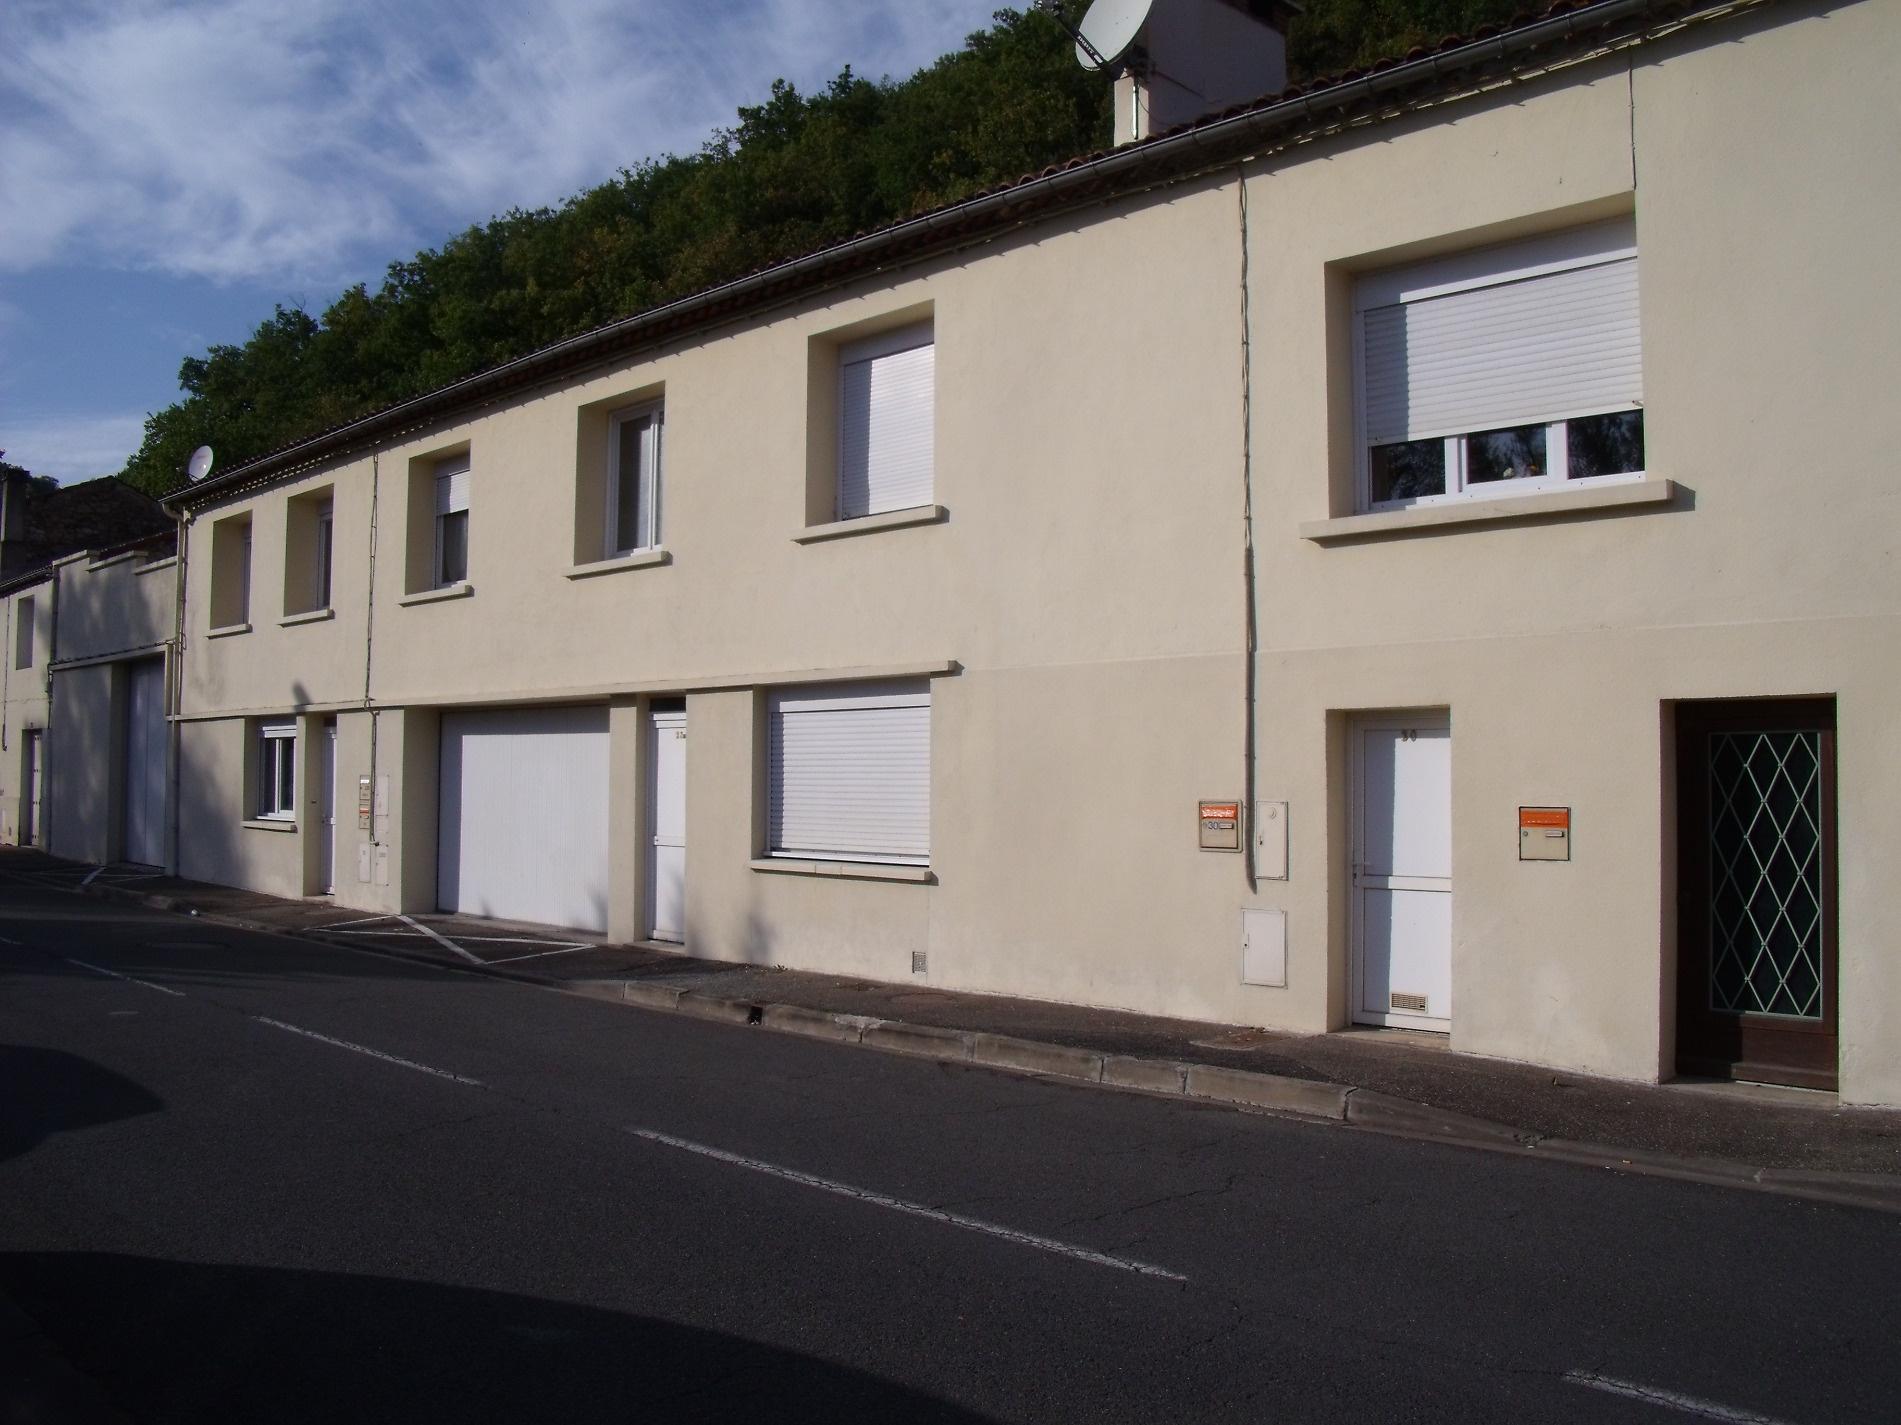 Beausejour immobilier monsempron libos vente - Garage beausejour la penne sur huveaune ...